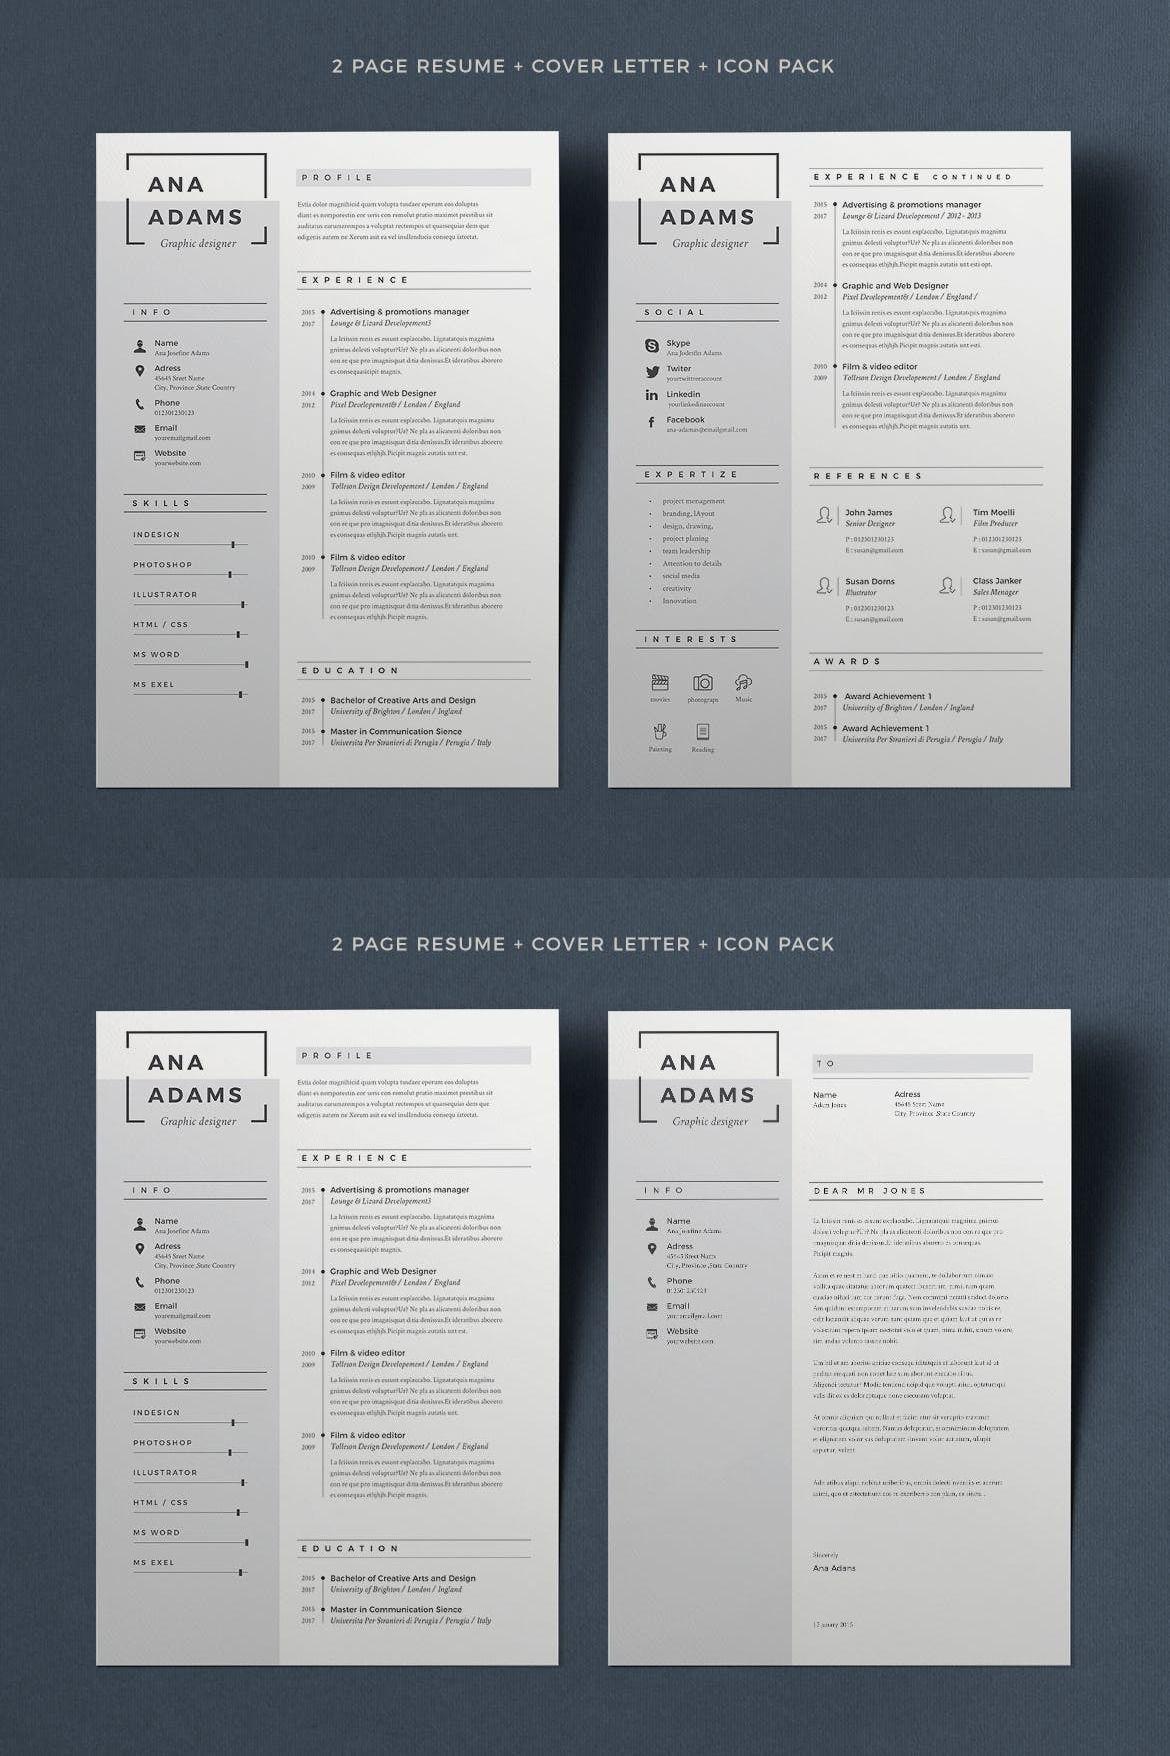 Resume Anna — Adobe InDesign indesign cv Cover letter